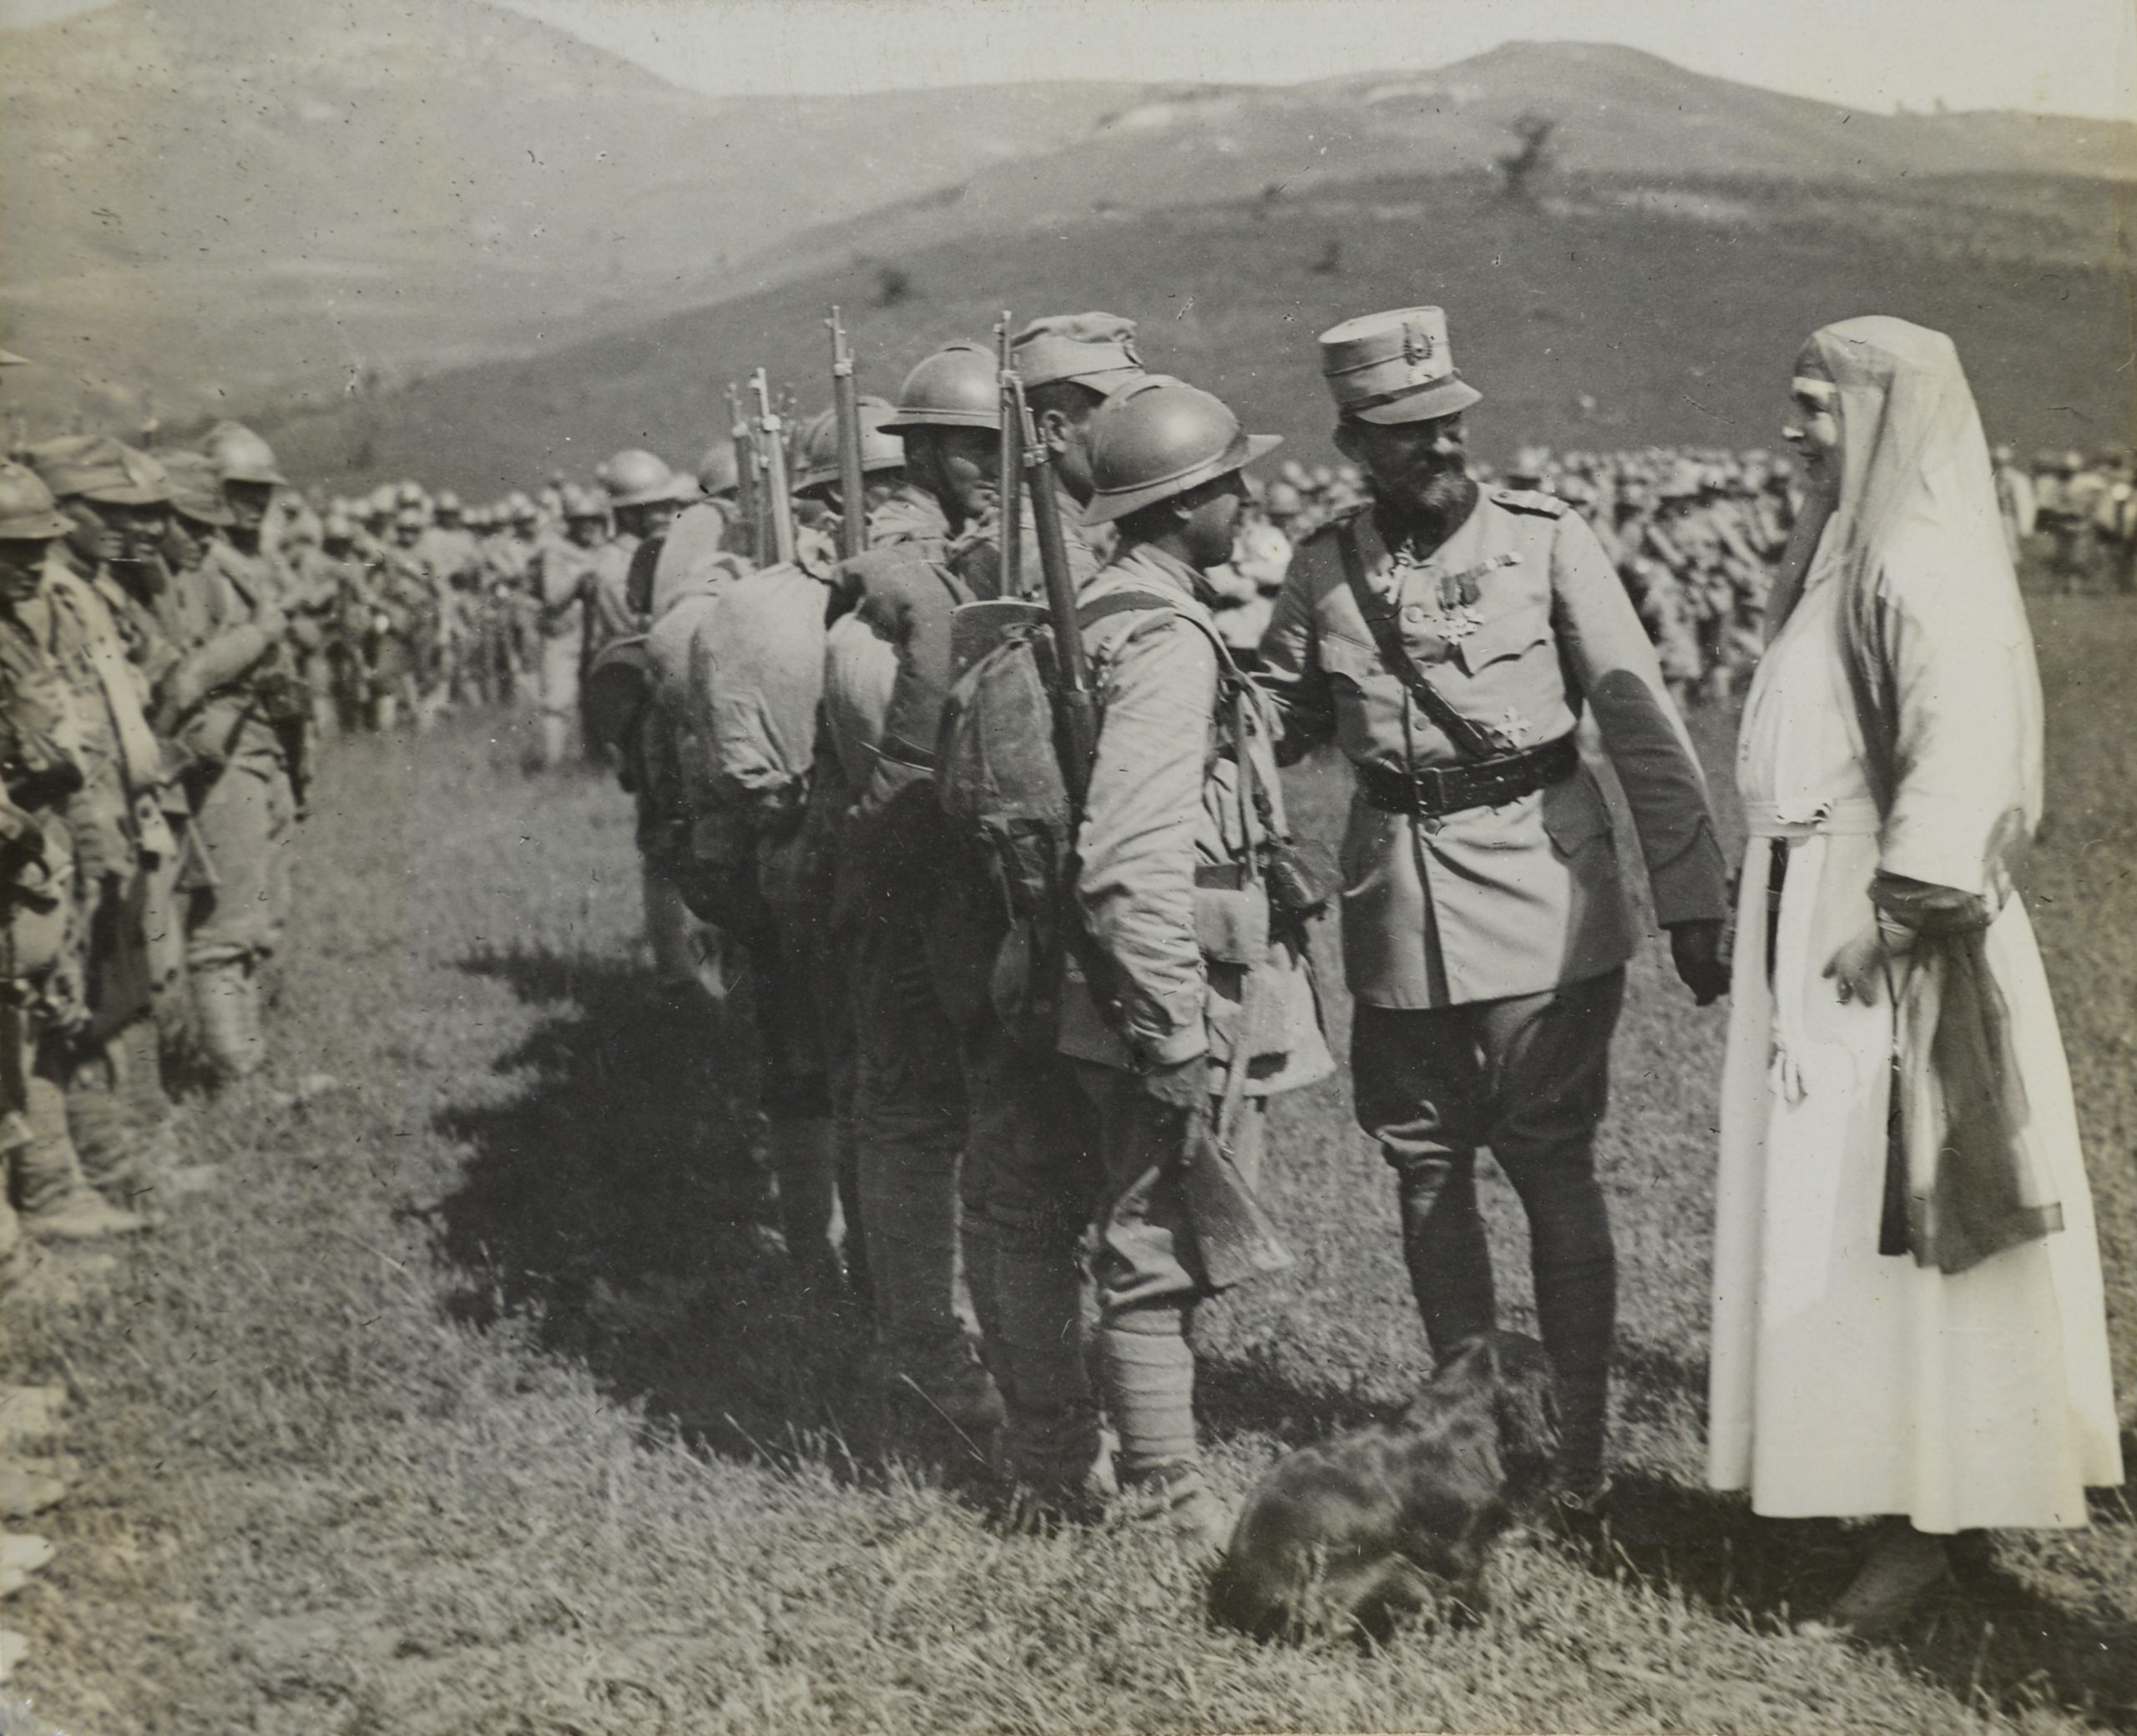 Reacţia Regelui Ferdinand I după ce un ofiţer român l-a lovit cu ouă